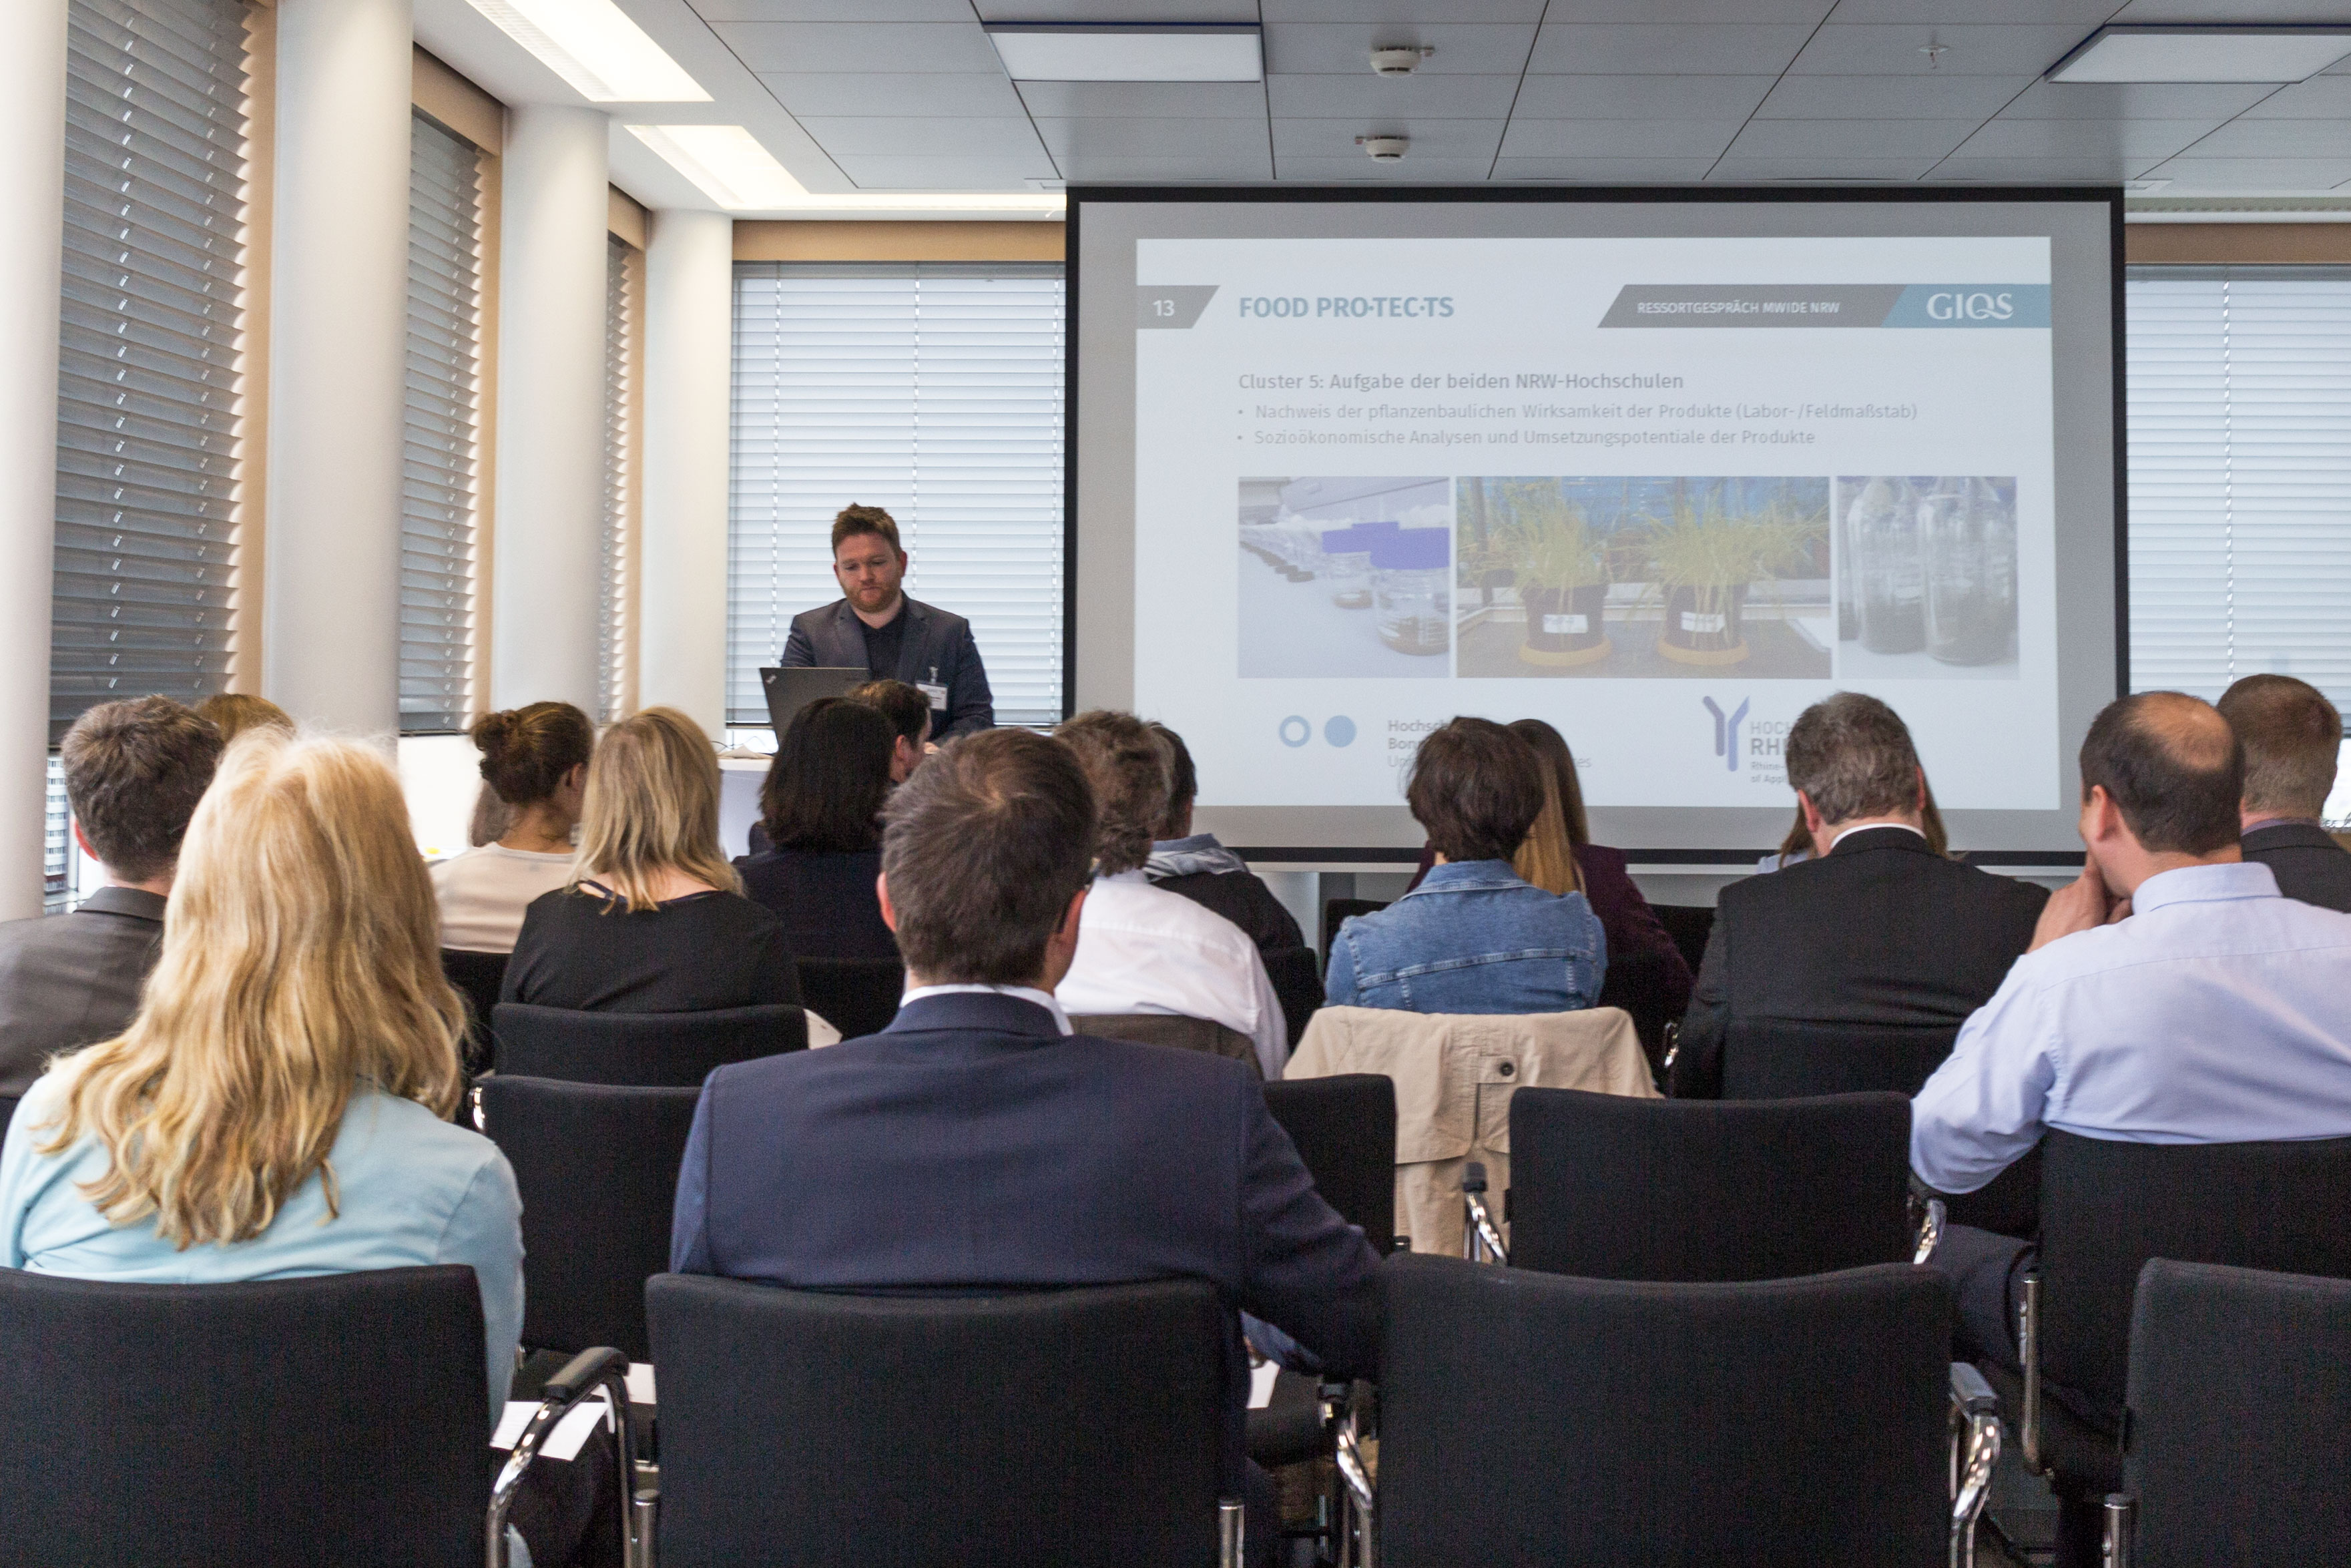 Presentatie in het Ministerie van economische zaken NRW